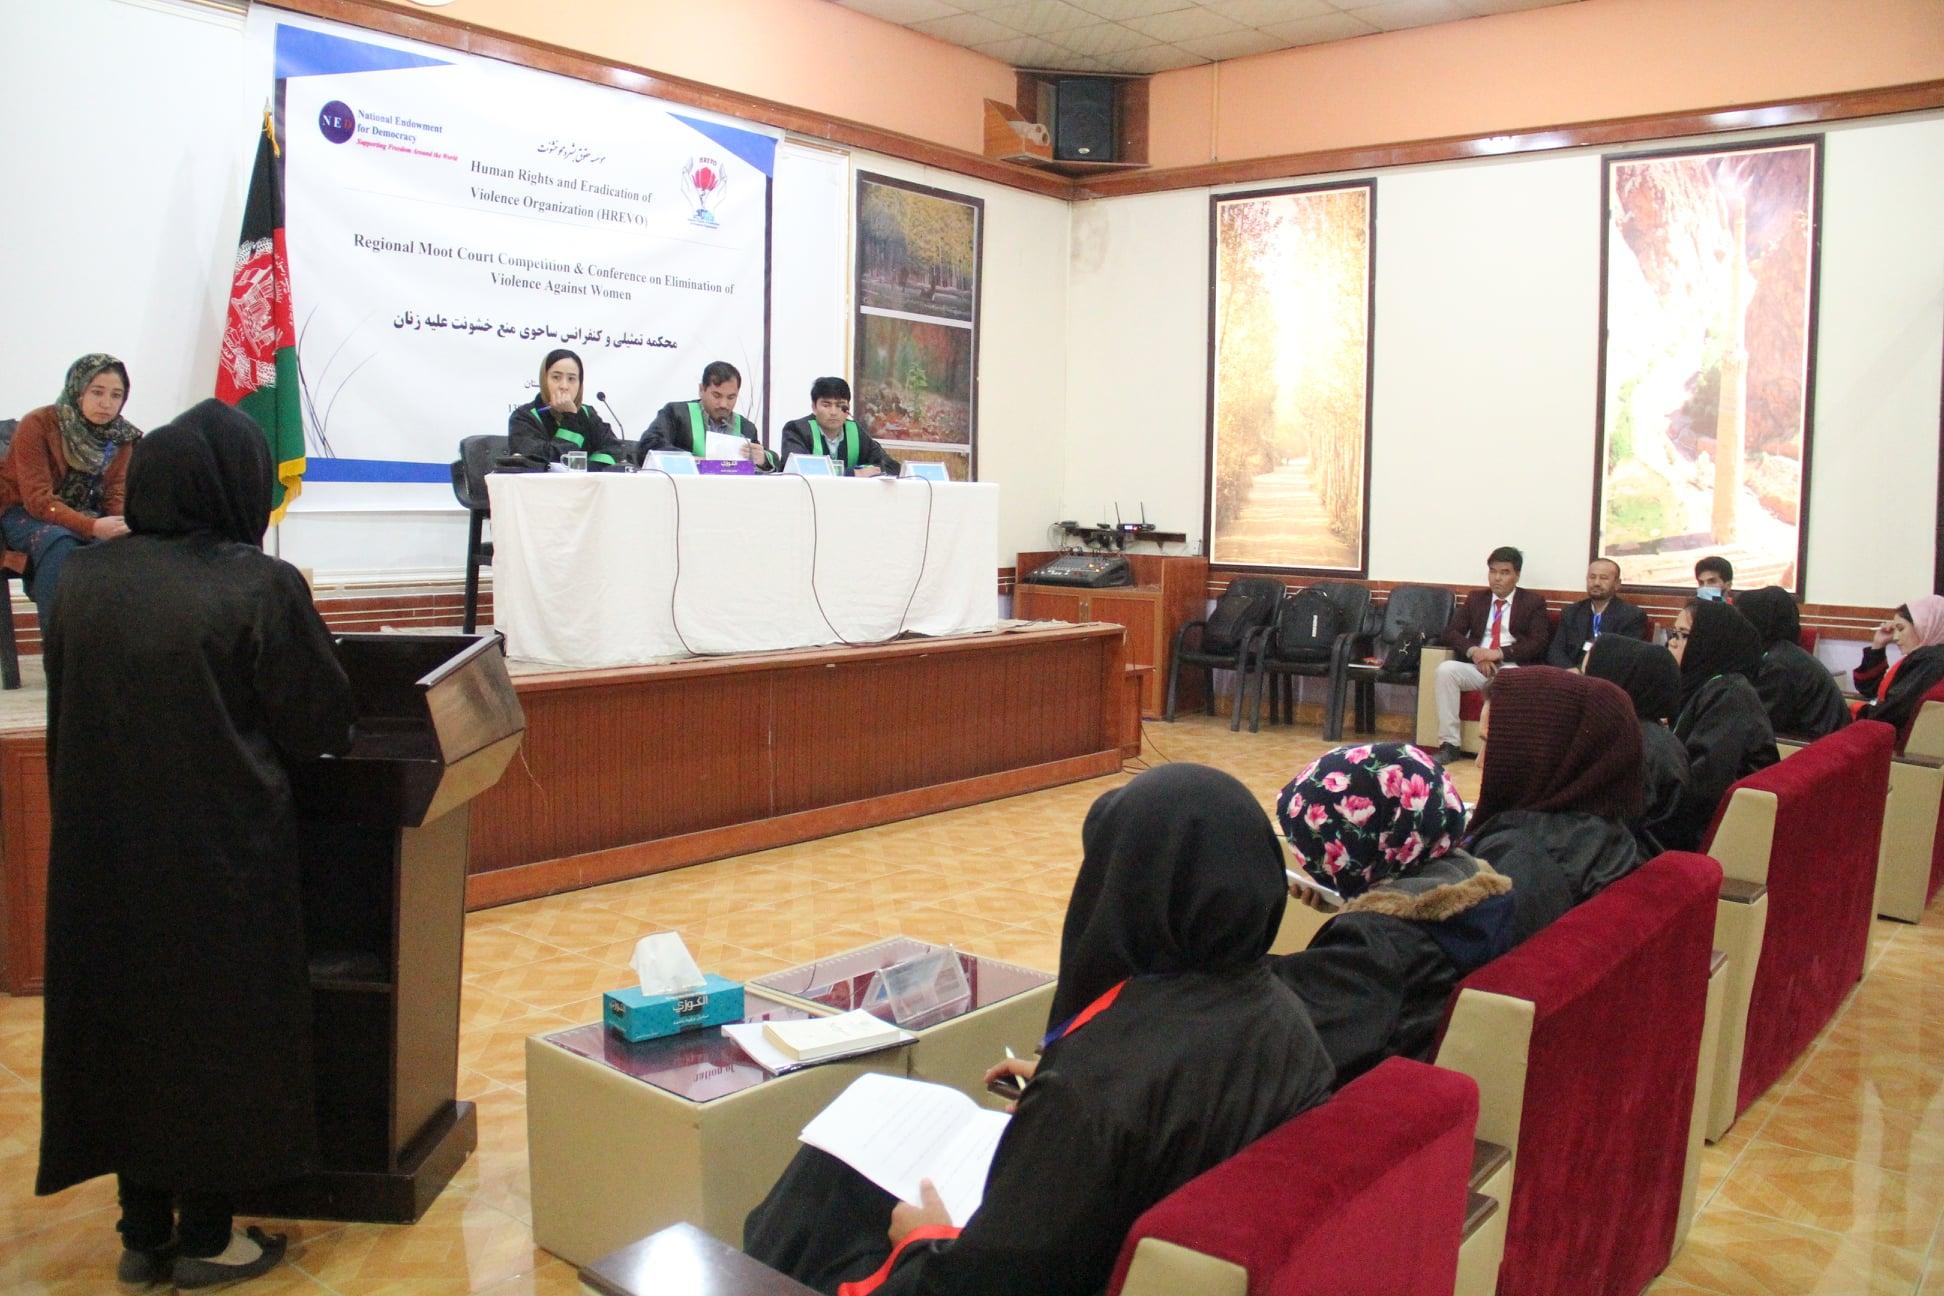 برگزاری محکمه تمثیلی منع خشونت علیه زن در ولایت بامیان